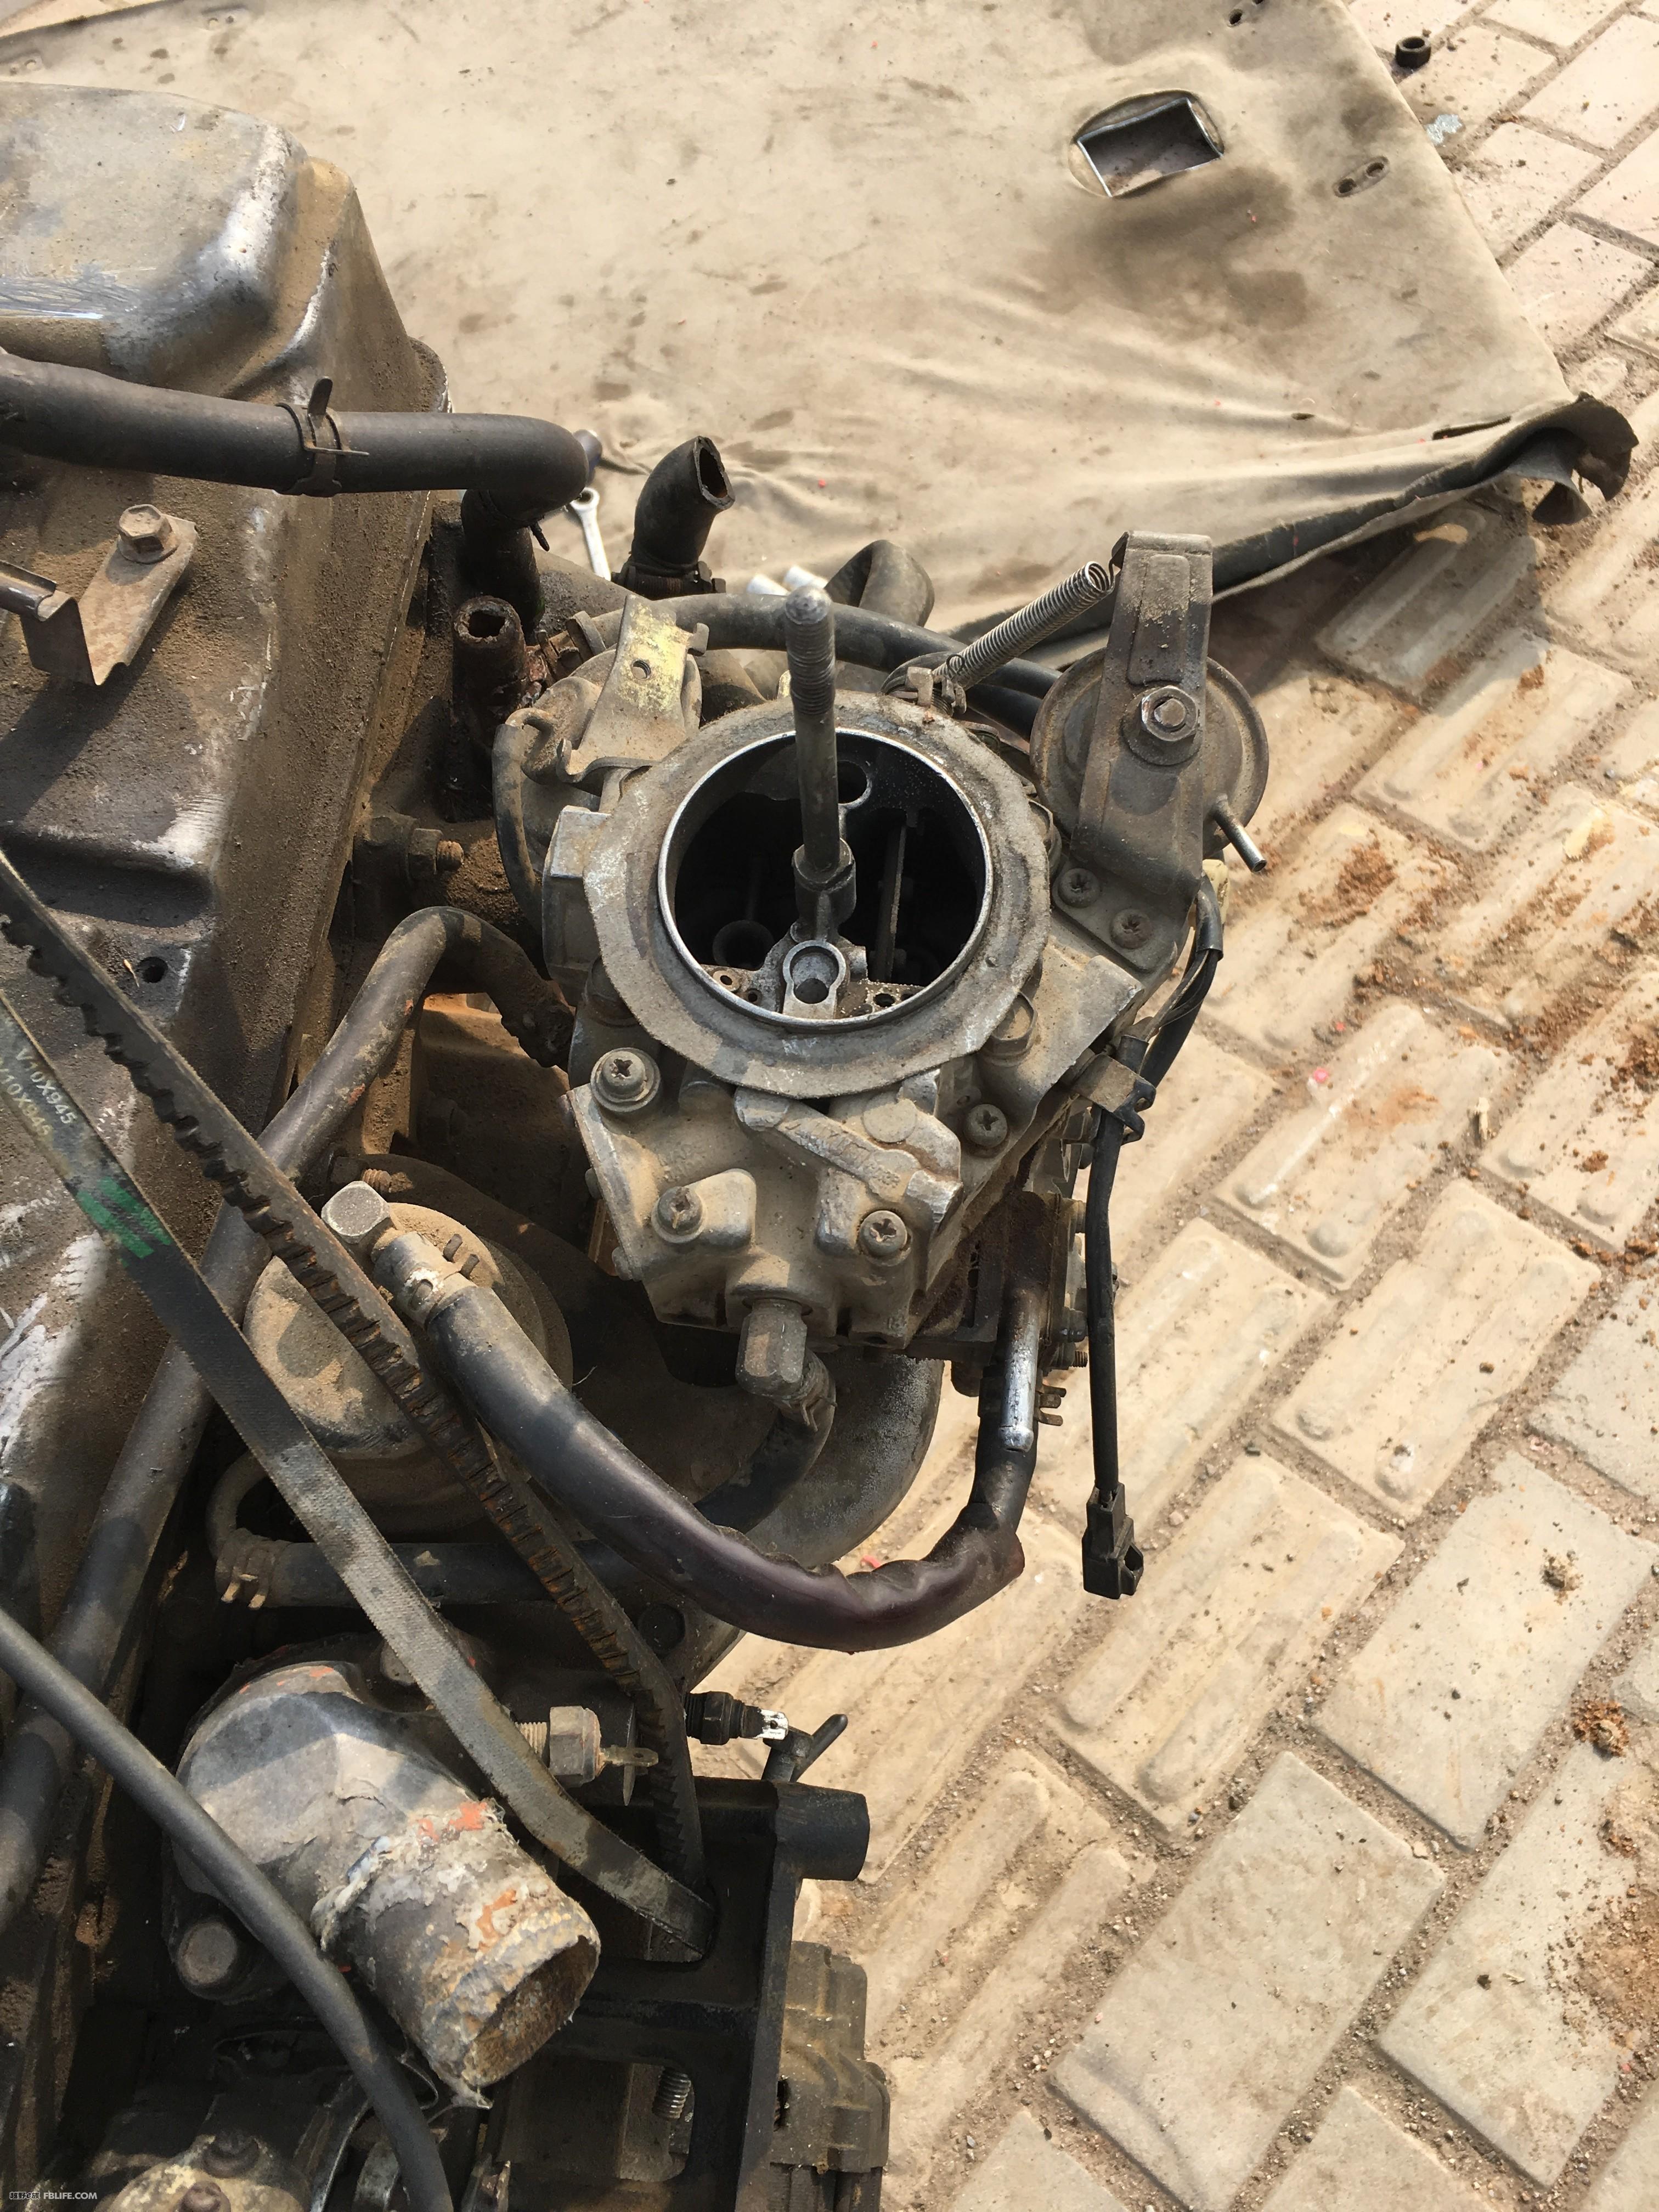 帕杰罗 v32 v31 发动机 发电机 化油器 助力泵 飞轮 空滤